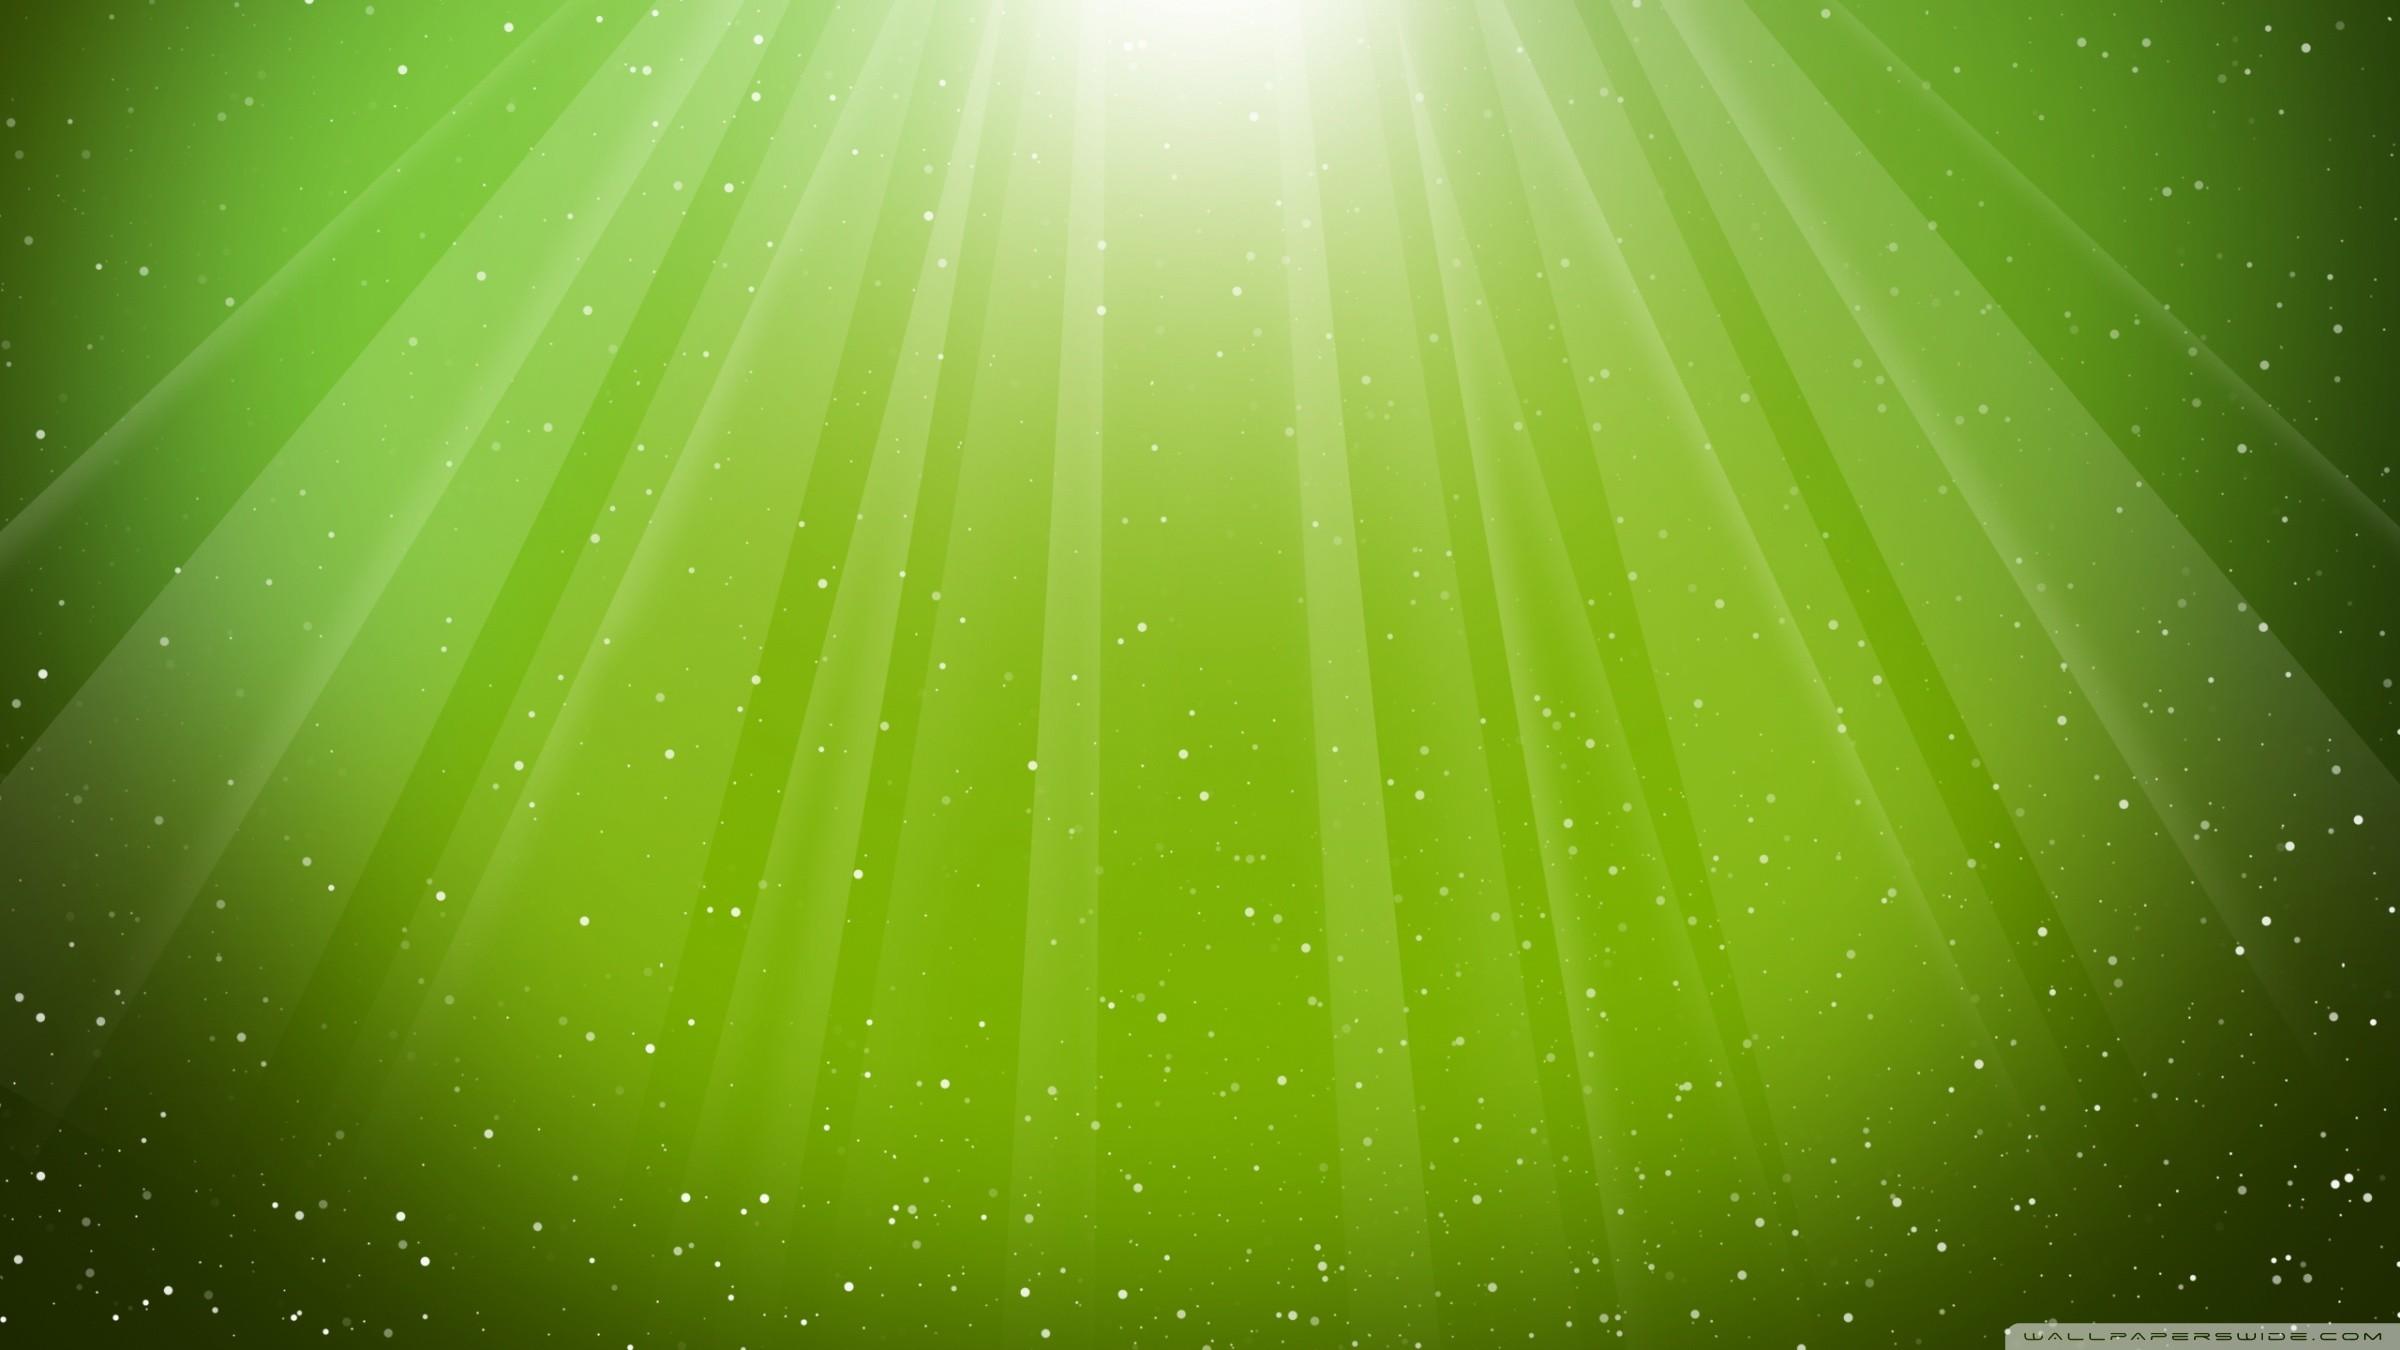 Microsoft Windows Green HD desktop wallpaper High Definition | HD Wallpapers  | Pinterest | Green wallpaper, Wallpaper and Wallpaper desktop